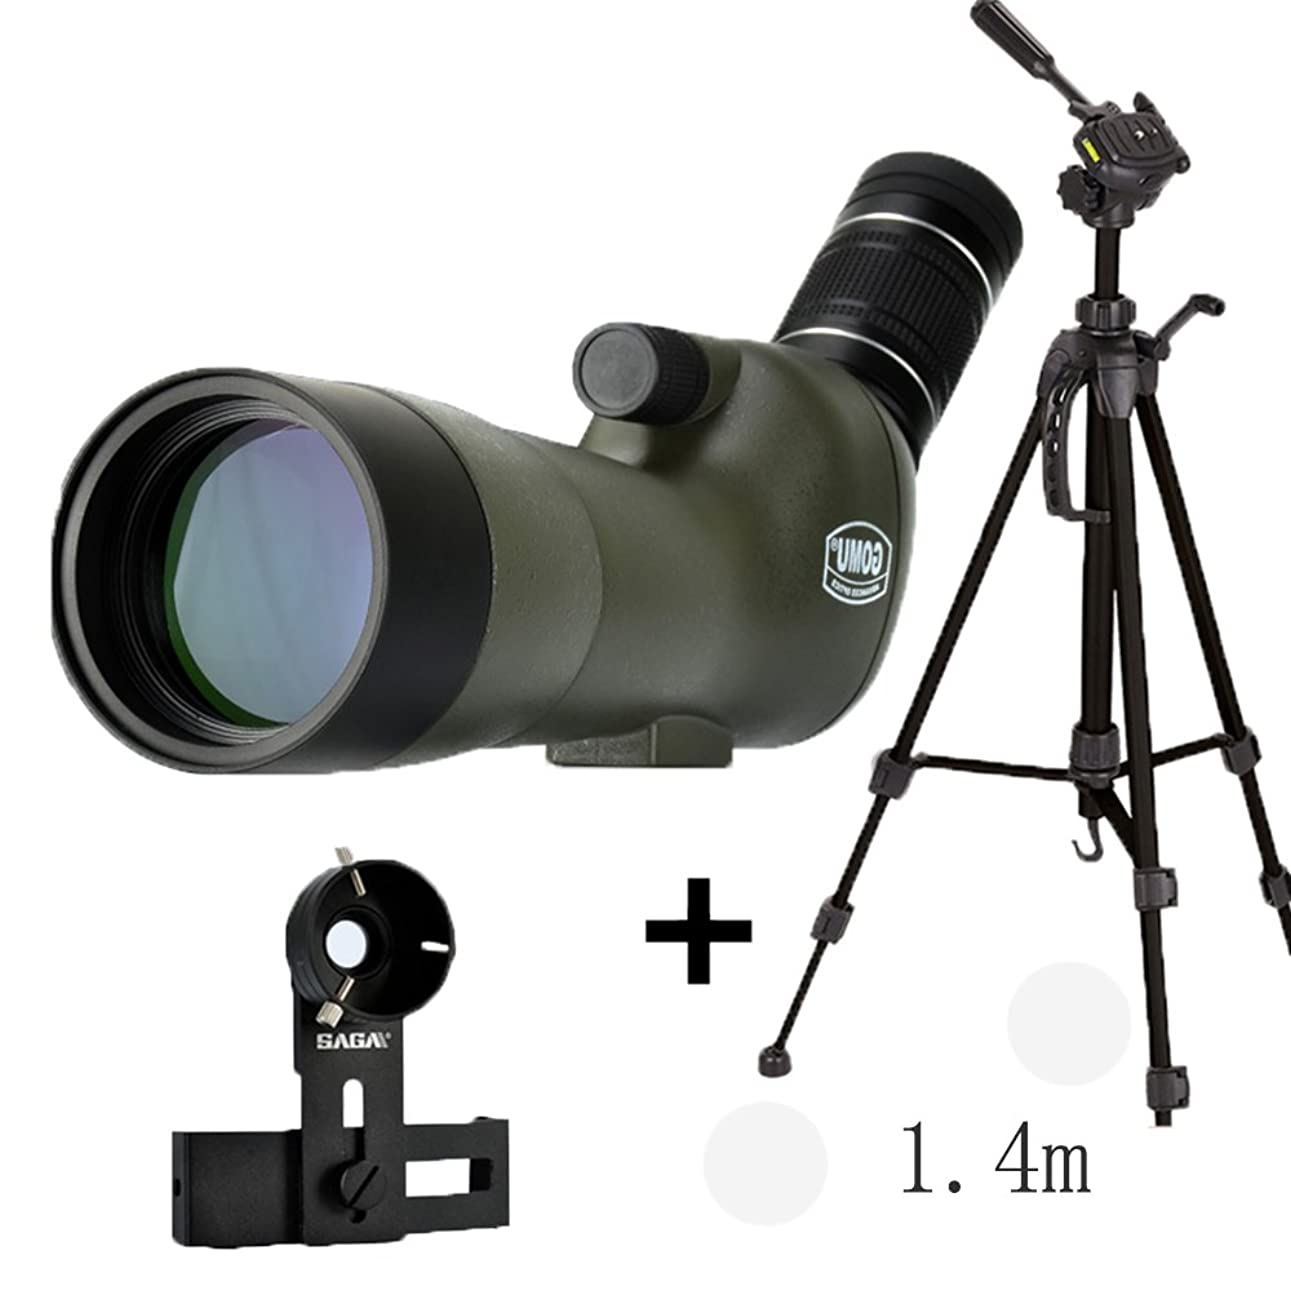 町彫刻慣れているJAD@ 20-60X 大人用 大型接眼レンズ スポッティングスコープ ipx7 防水 バードウォッチング 単眼鏡 望遠鏡 風景レンズ 三脚付き 45度 視野角 単眼鏡